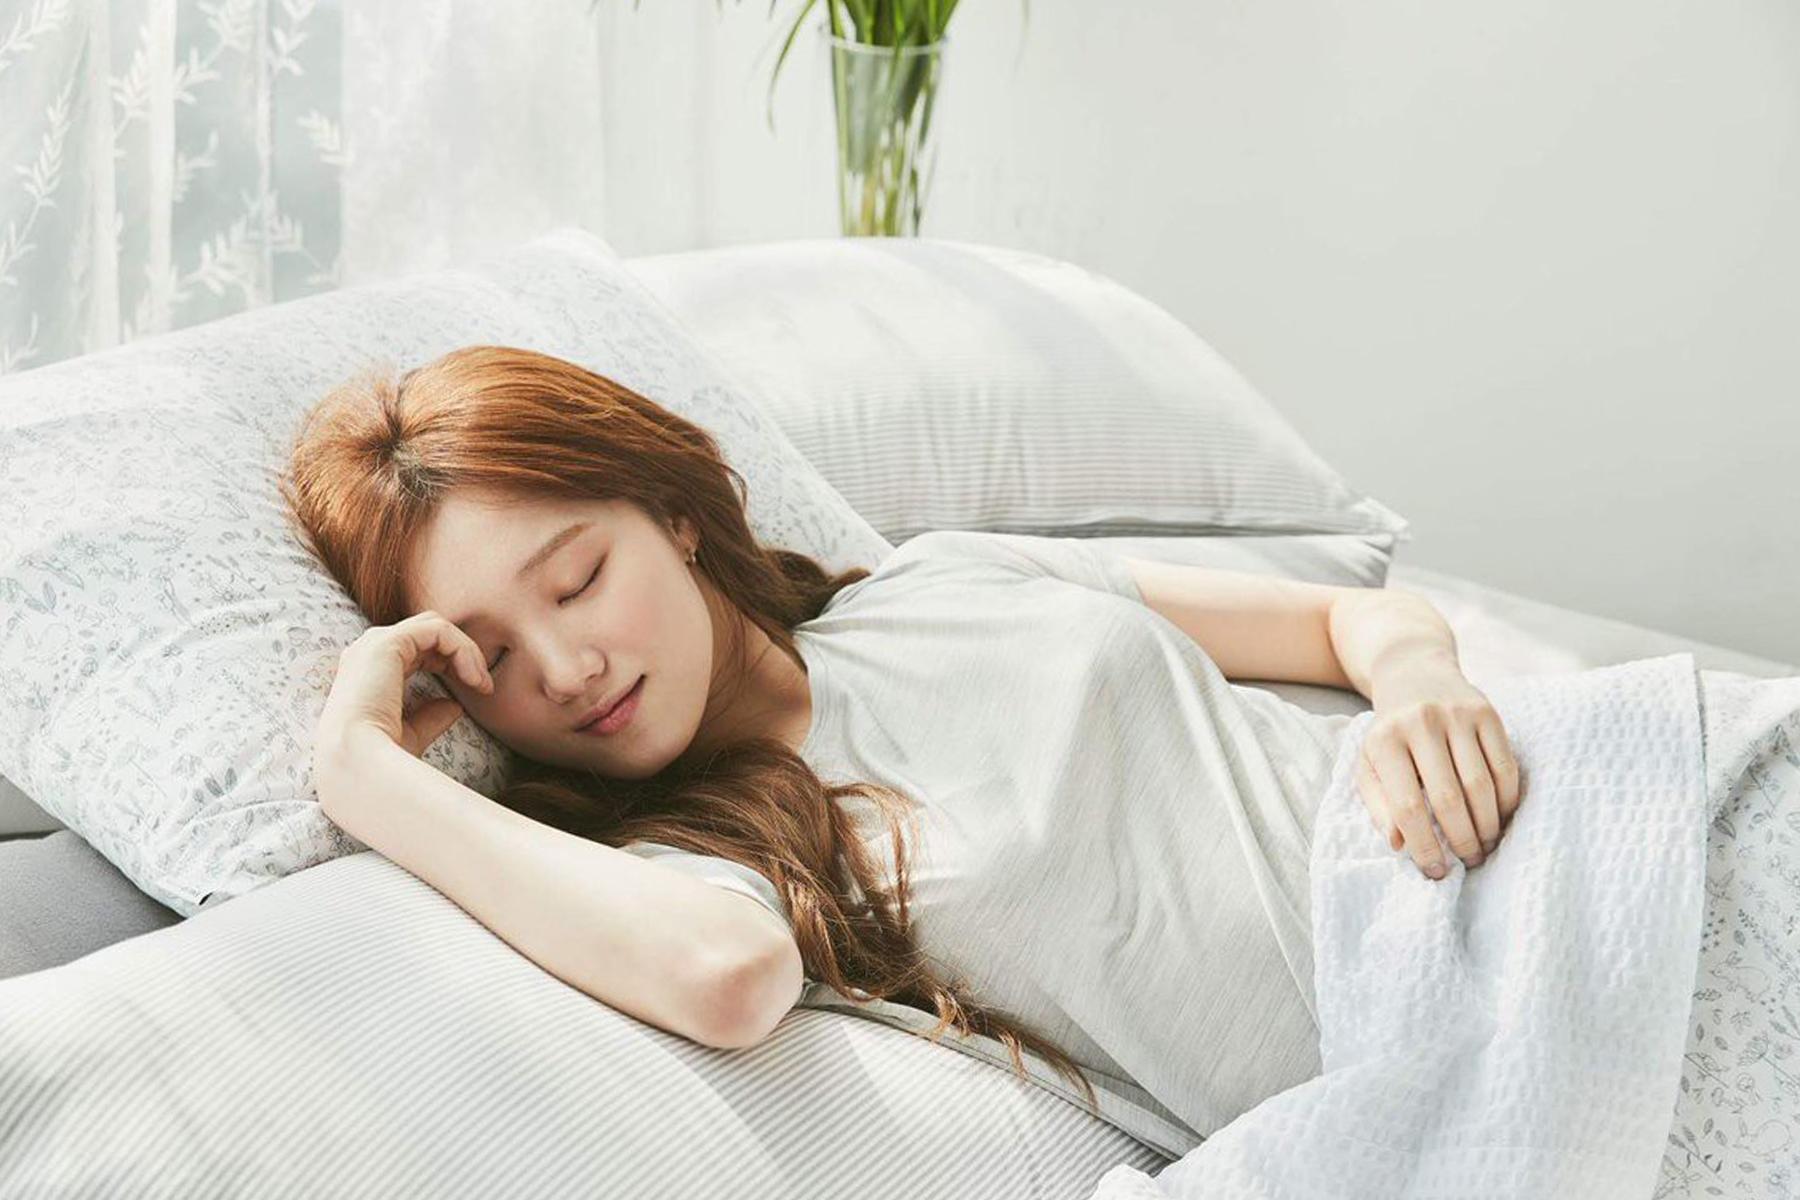 Tinh dầu thơm phòng - Mang lại giấc ngủ ngon, giảm bớt căng thẳng